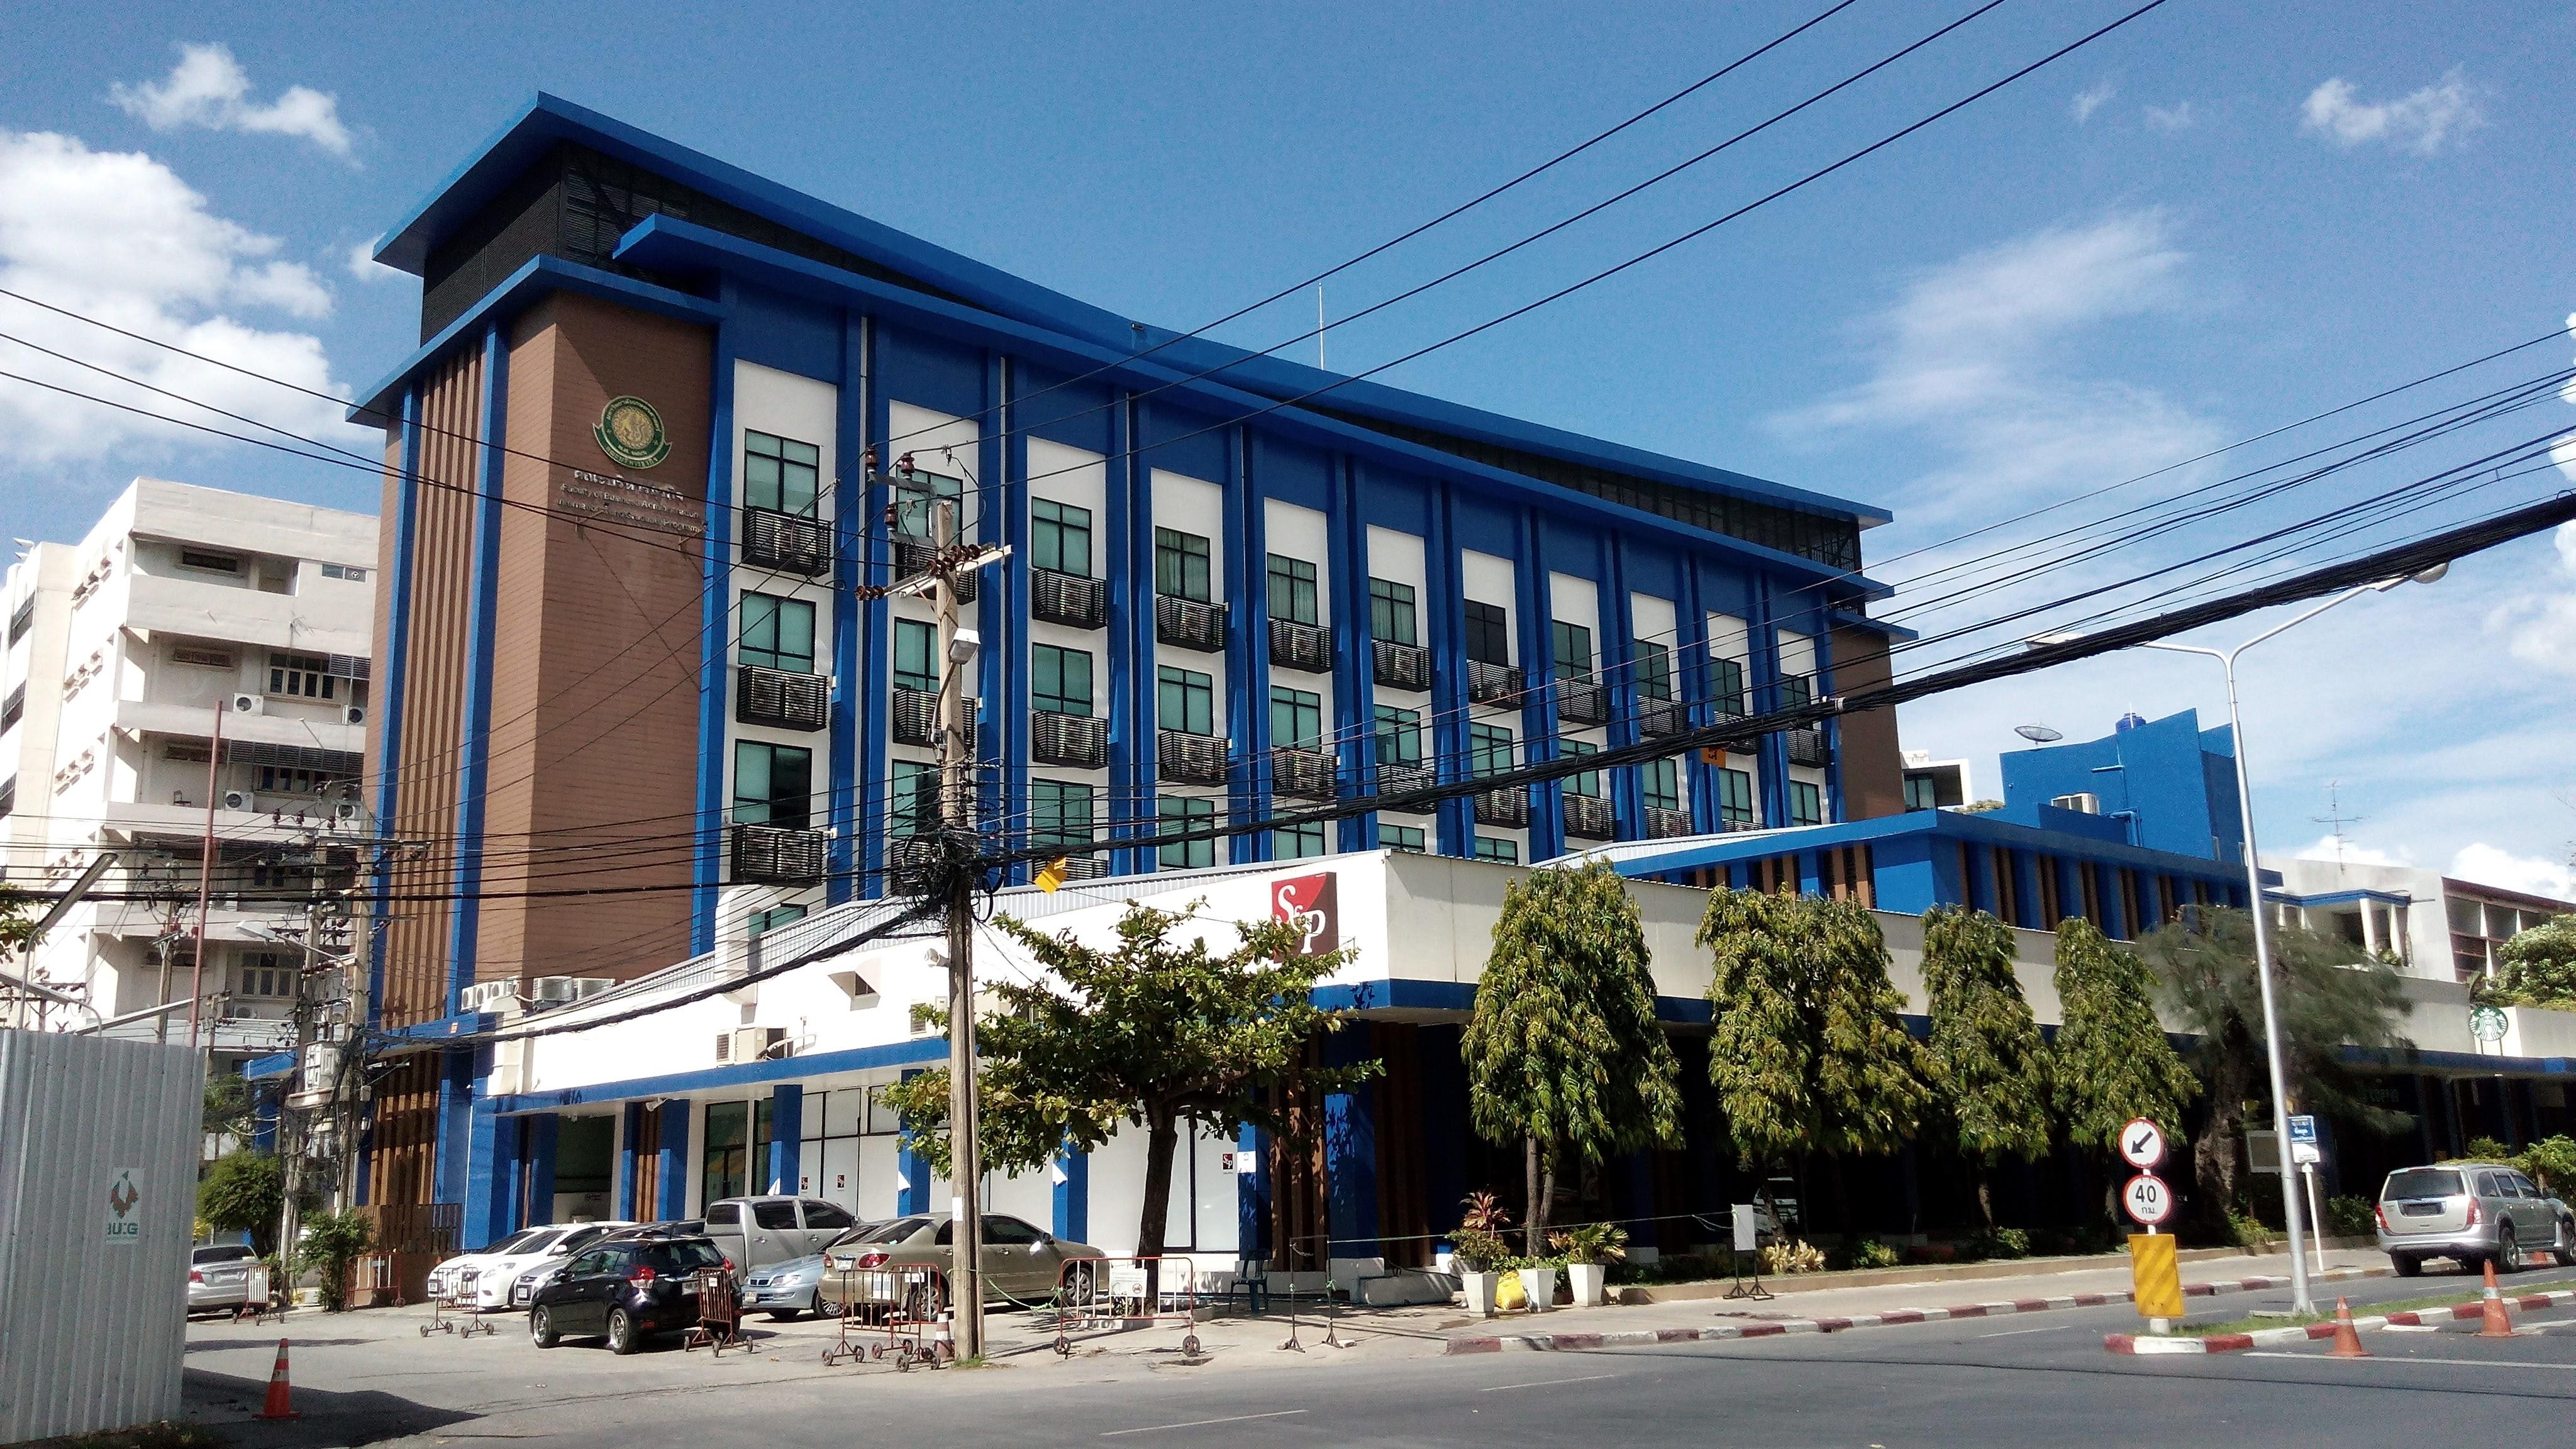 ัymba ตึกคณะบริหารธุรกิจ